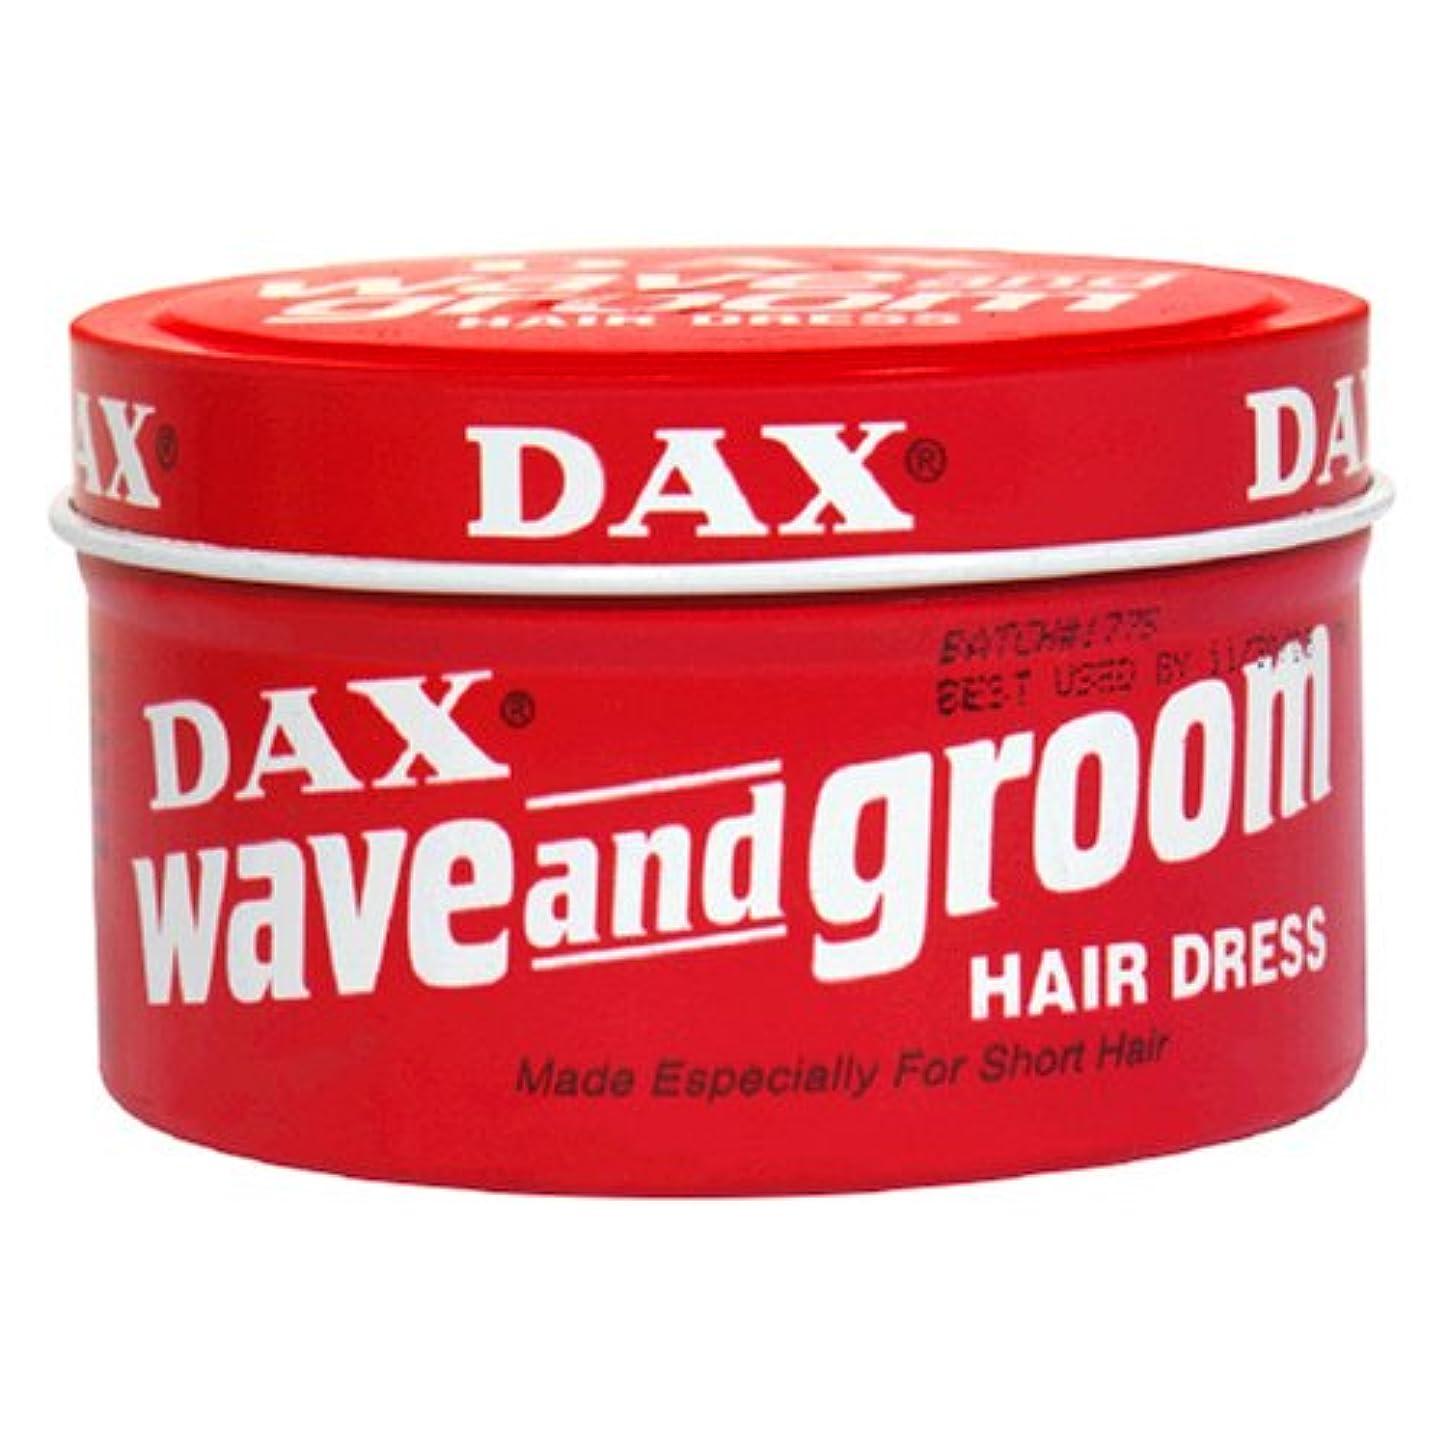 先に奨励します胸Dax Wave & Groom Hair Dress 99 gm Jar (Case of 6) (並行輸入品)